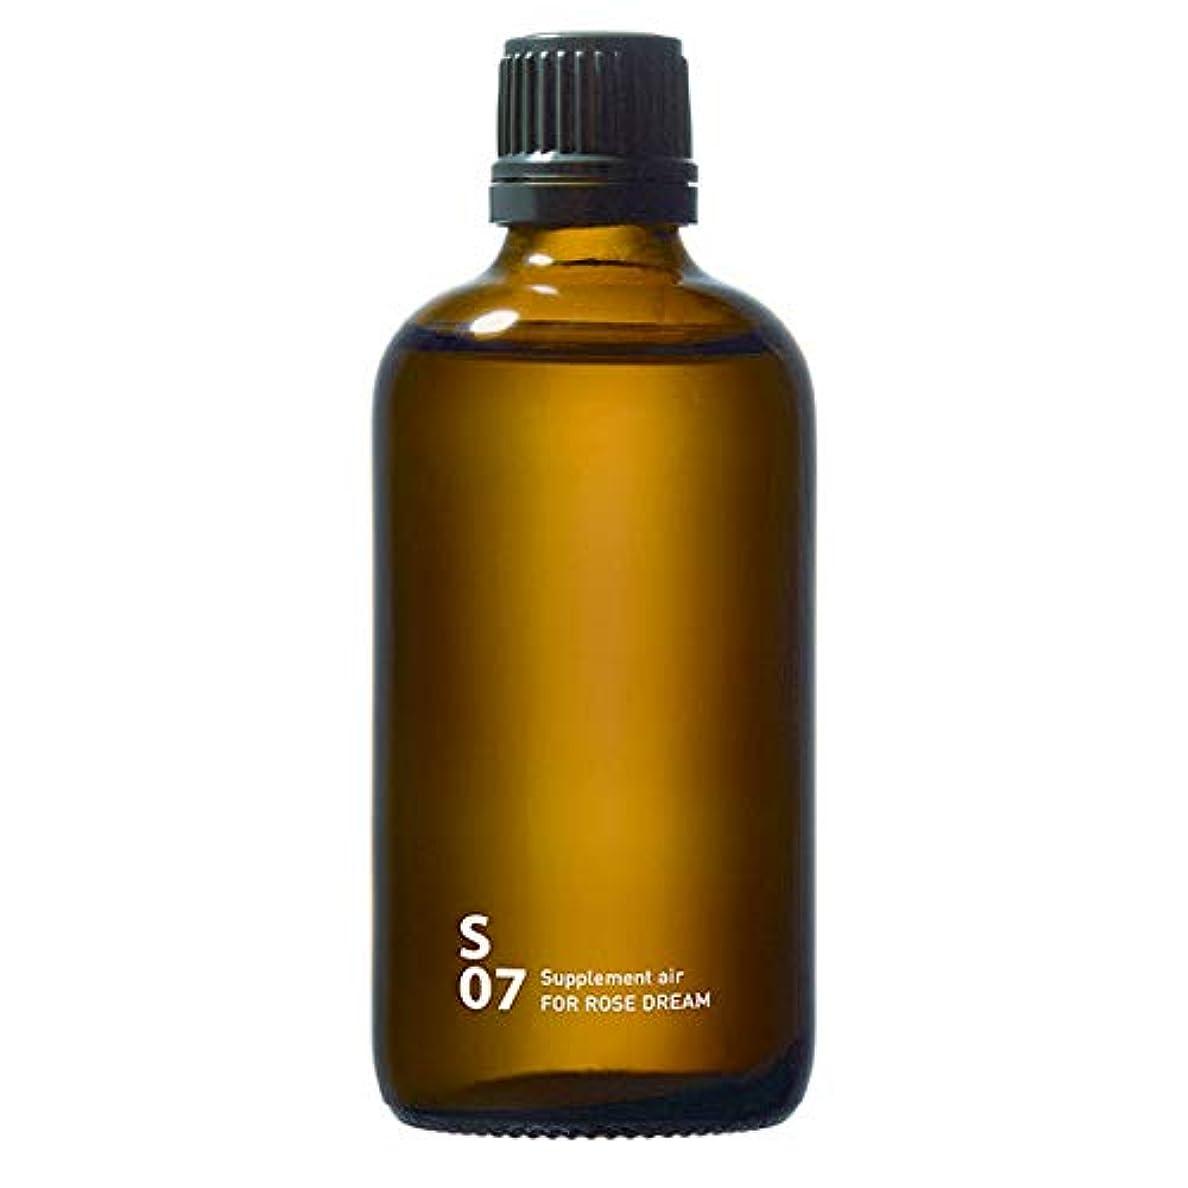 幸運百万旅客S07 FOR ROSE DREAM piezo aroma oil 100ml